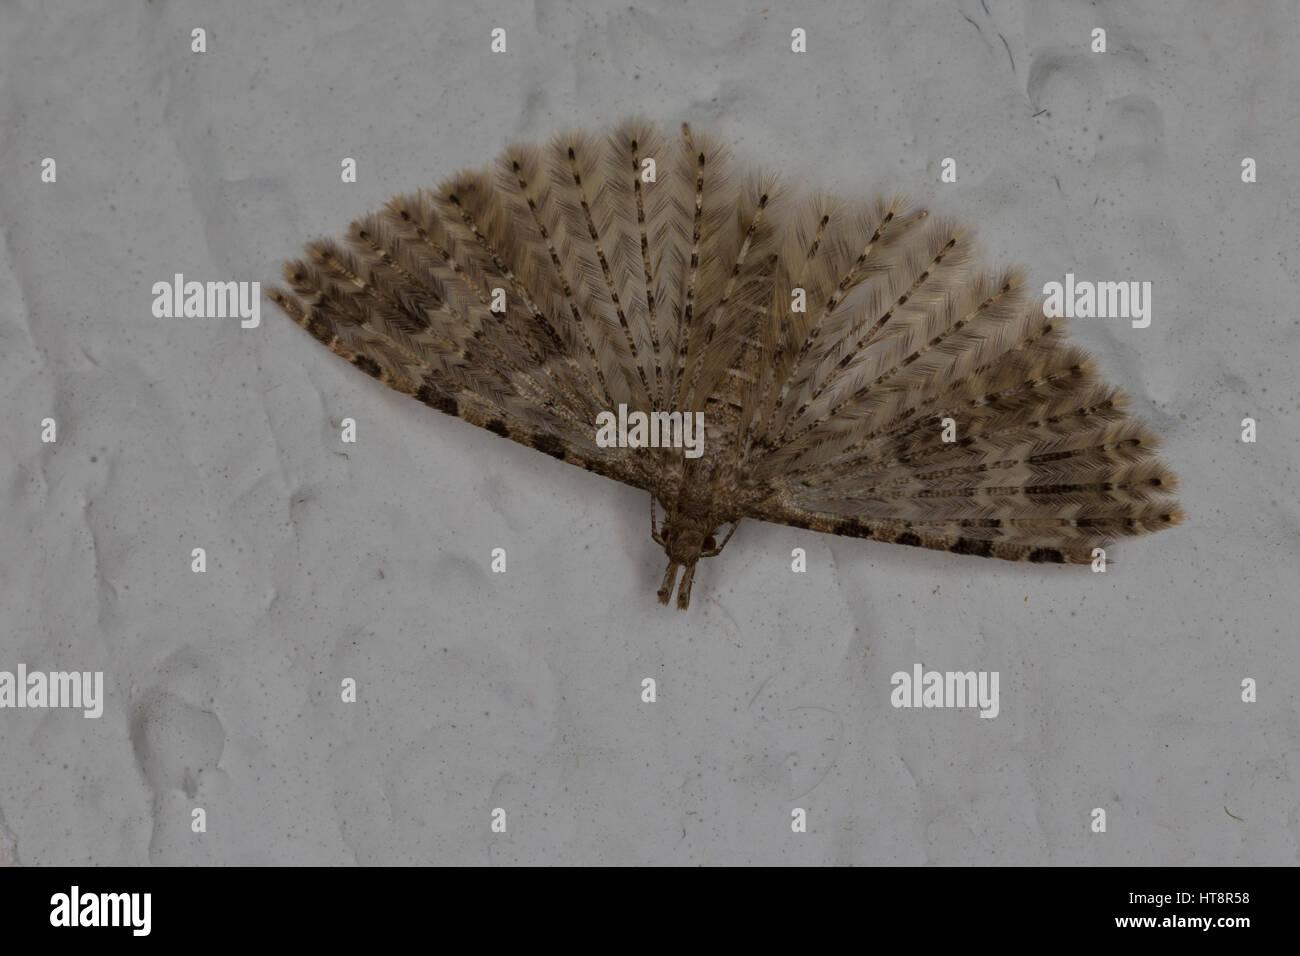 Geißblattgeistchen, Überwinterung im Haus, Geißblatt-Geistchen, Geissblattgeistchen, Geissblatt-Geistchen, - Stock Image